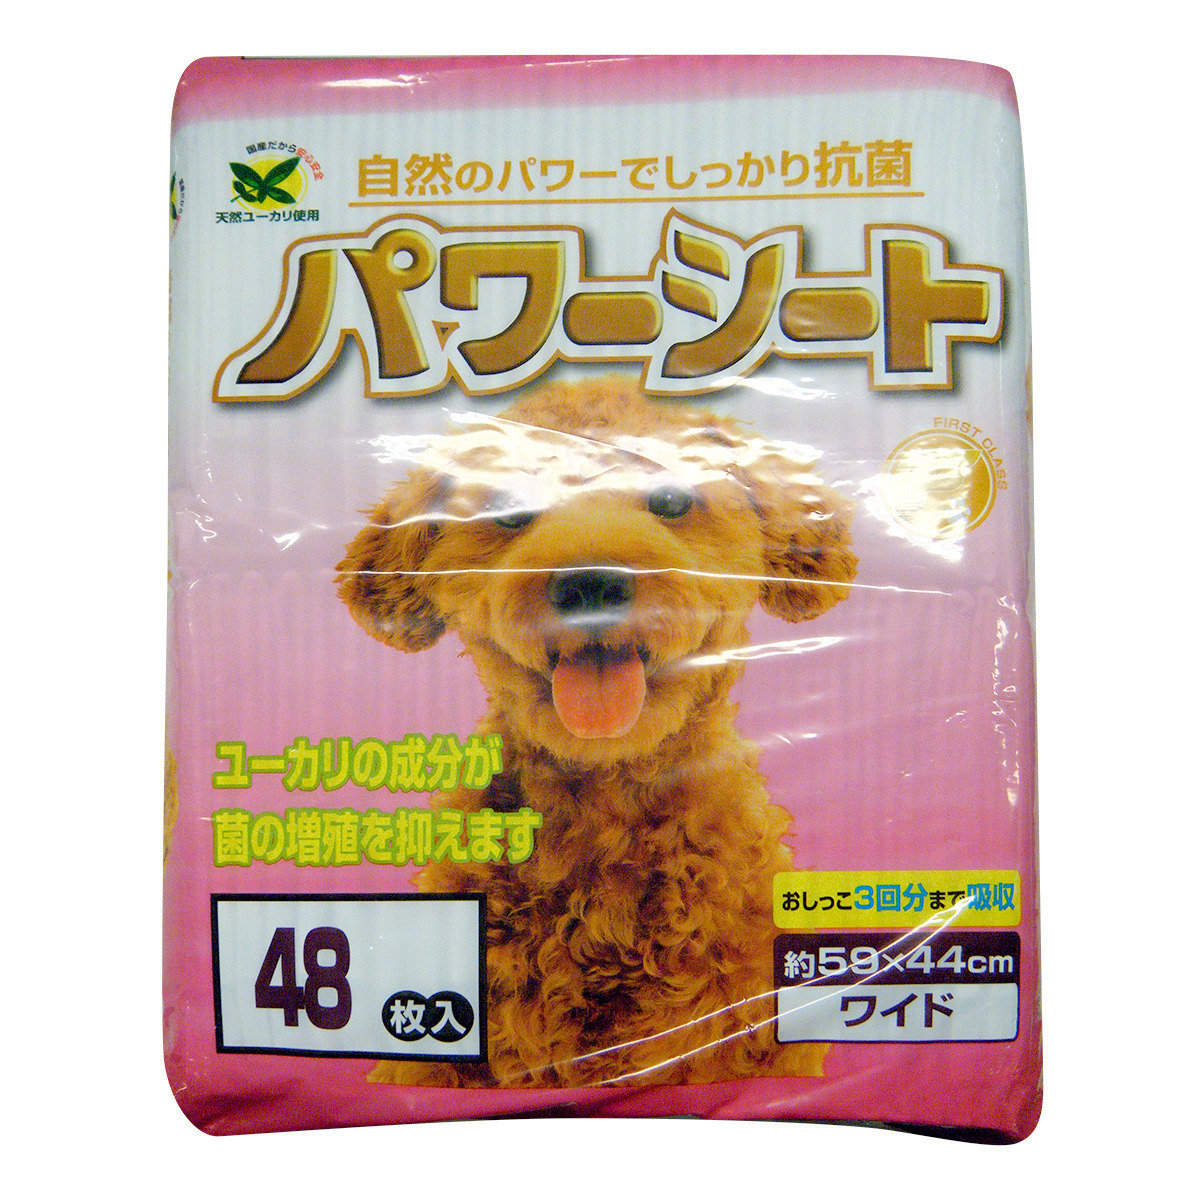 日本尤加利強力厚型消臭尿墊2尺 (ST-022)